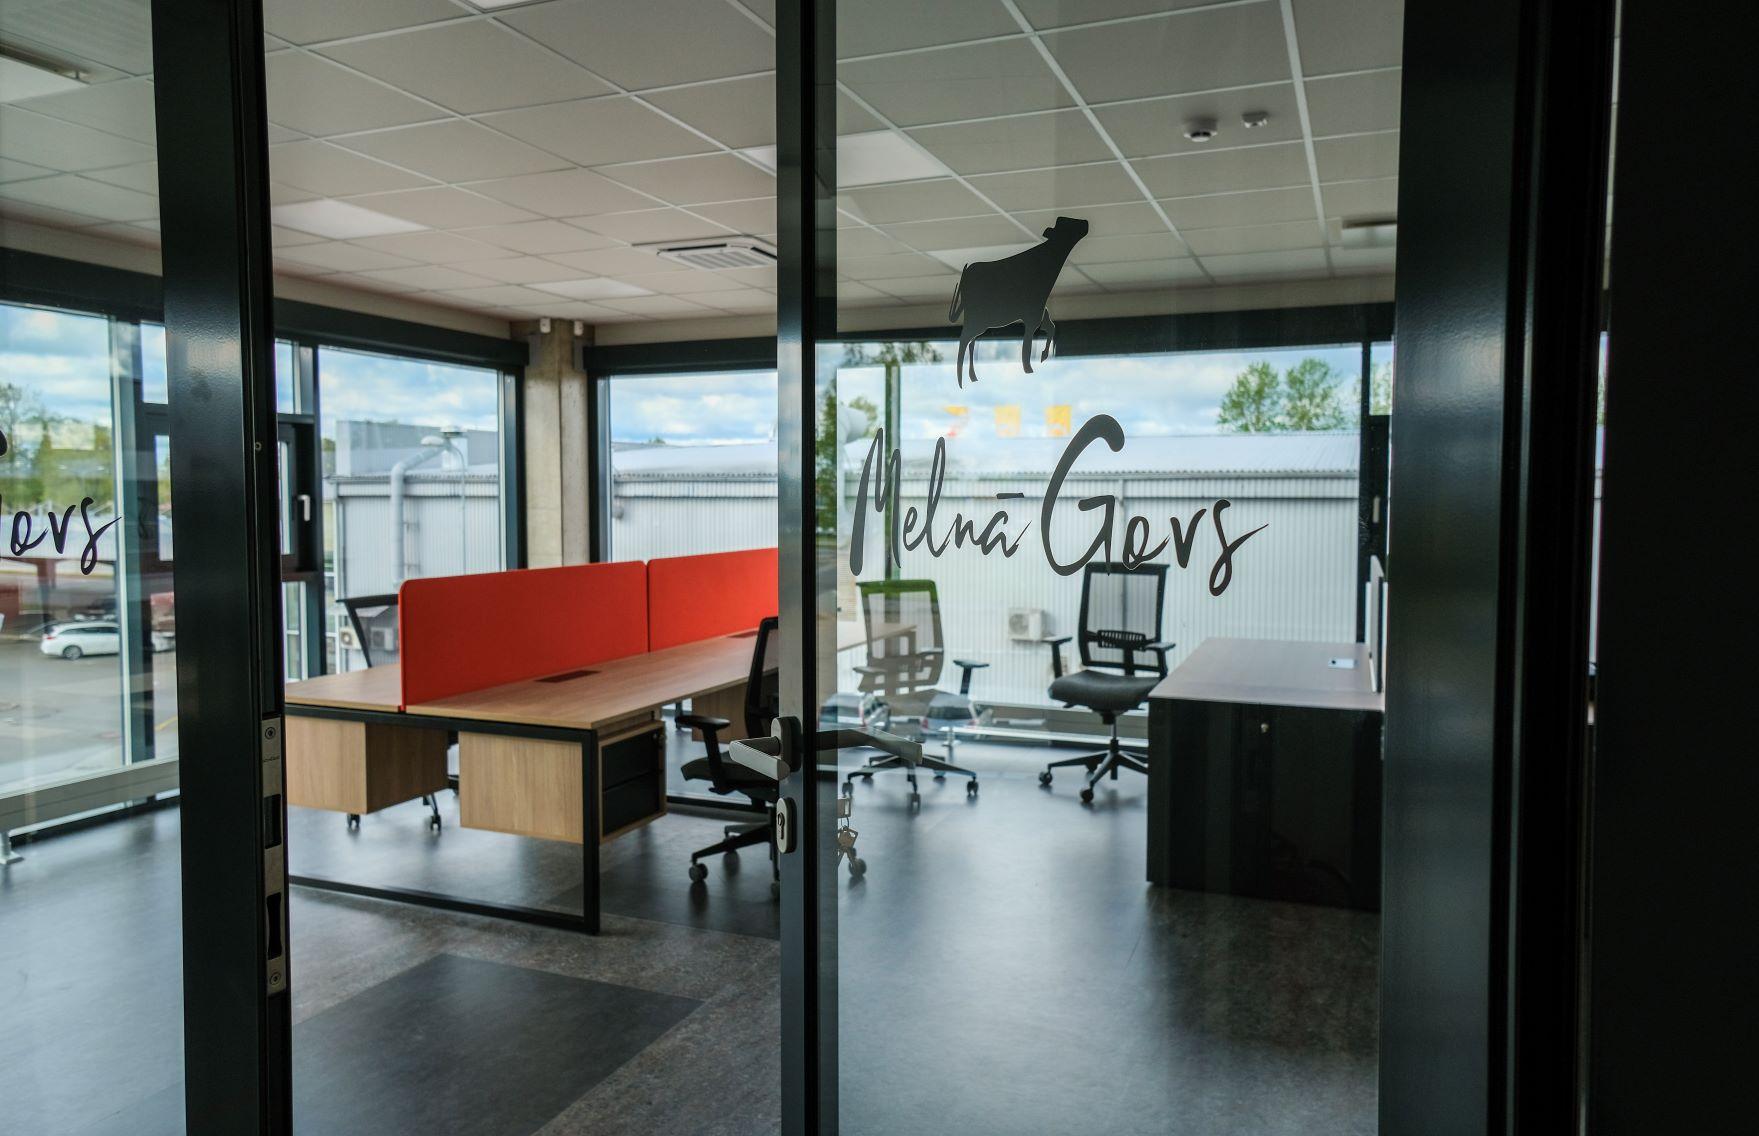 Astoņu darba vietu kabinets Melnā Govs birojā